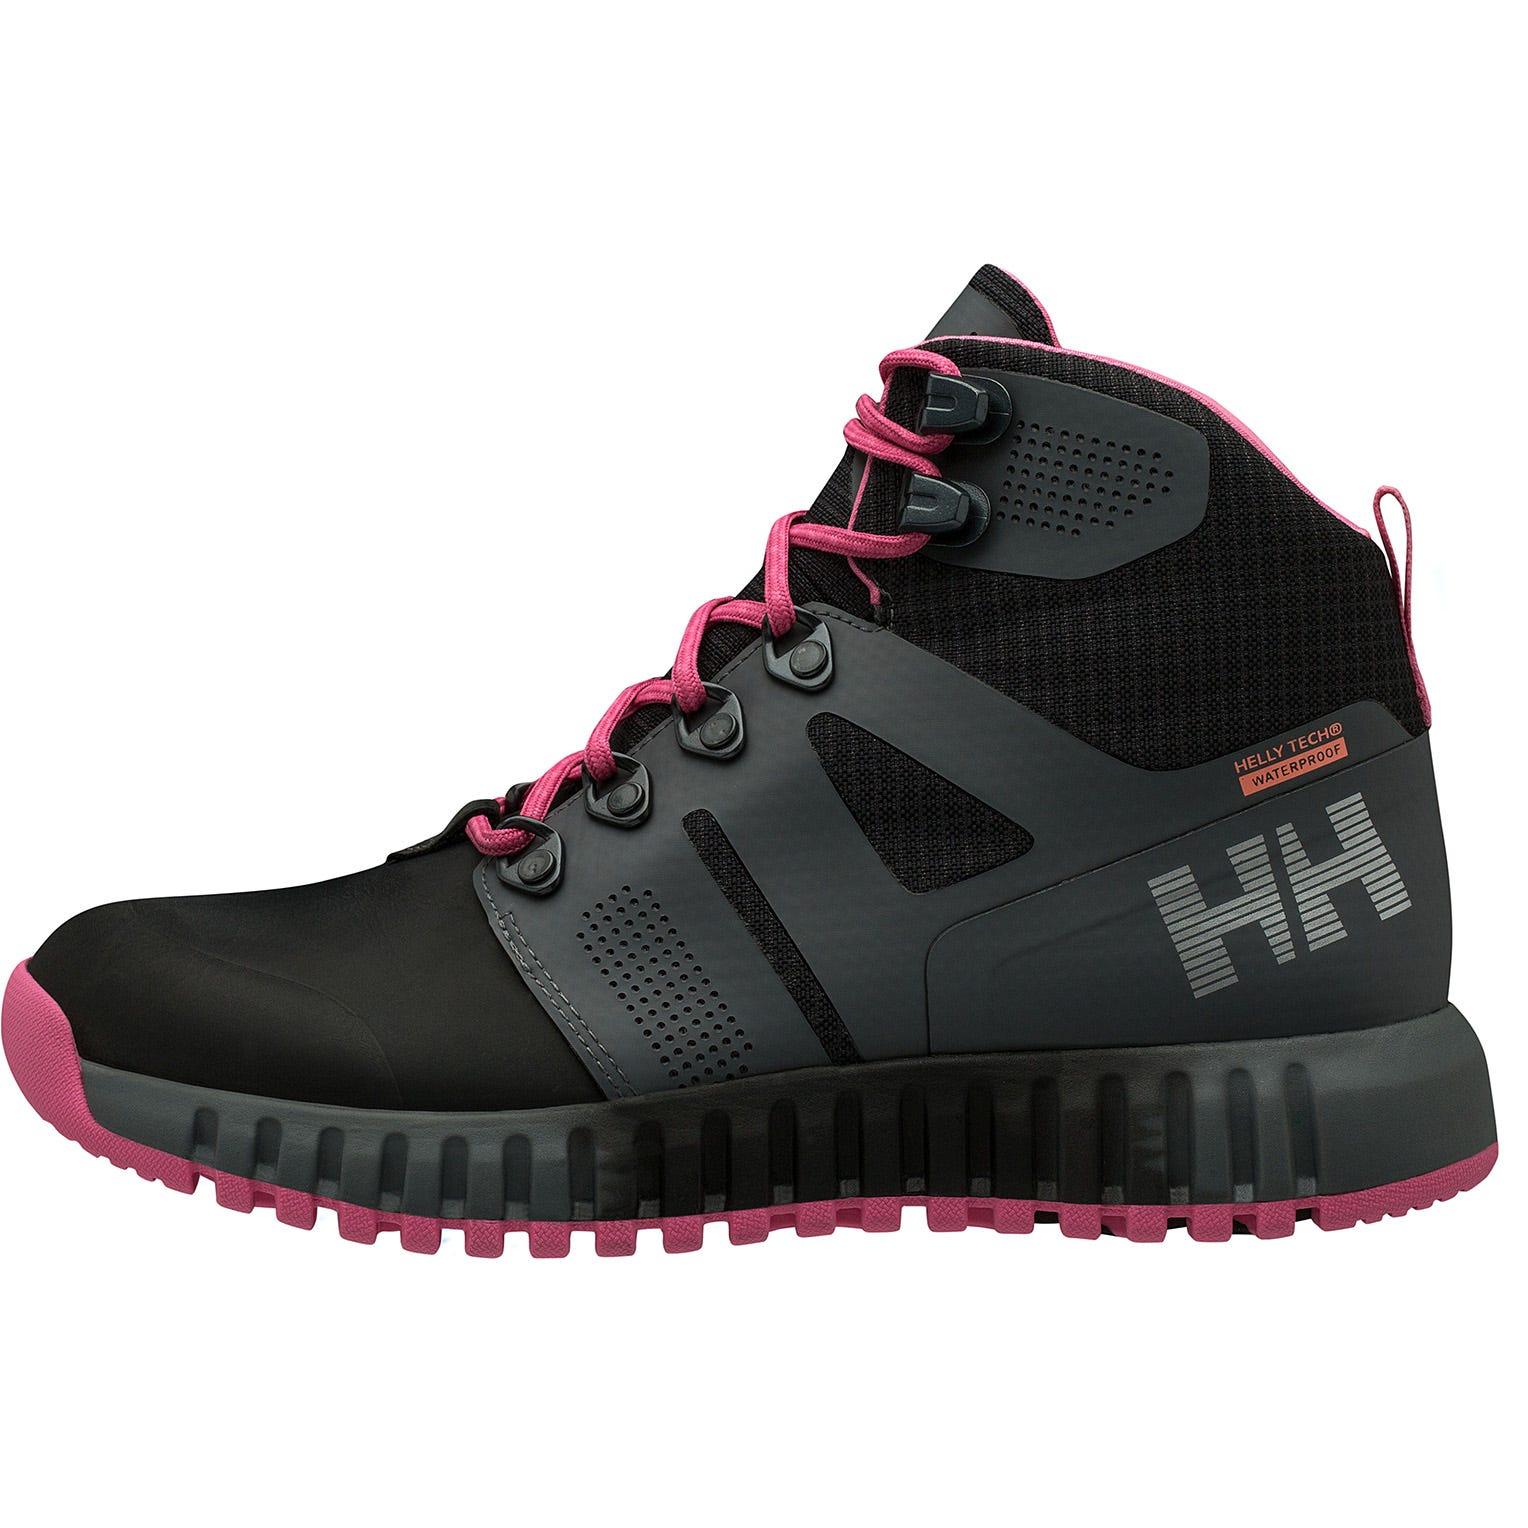 Helly Hansen W Vanir Gallivant Ht Womens Hiking Boot Black 38.7/7.5